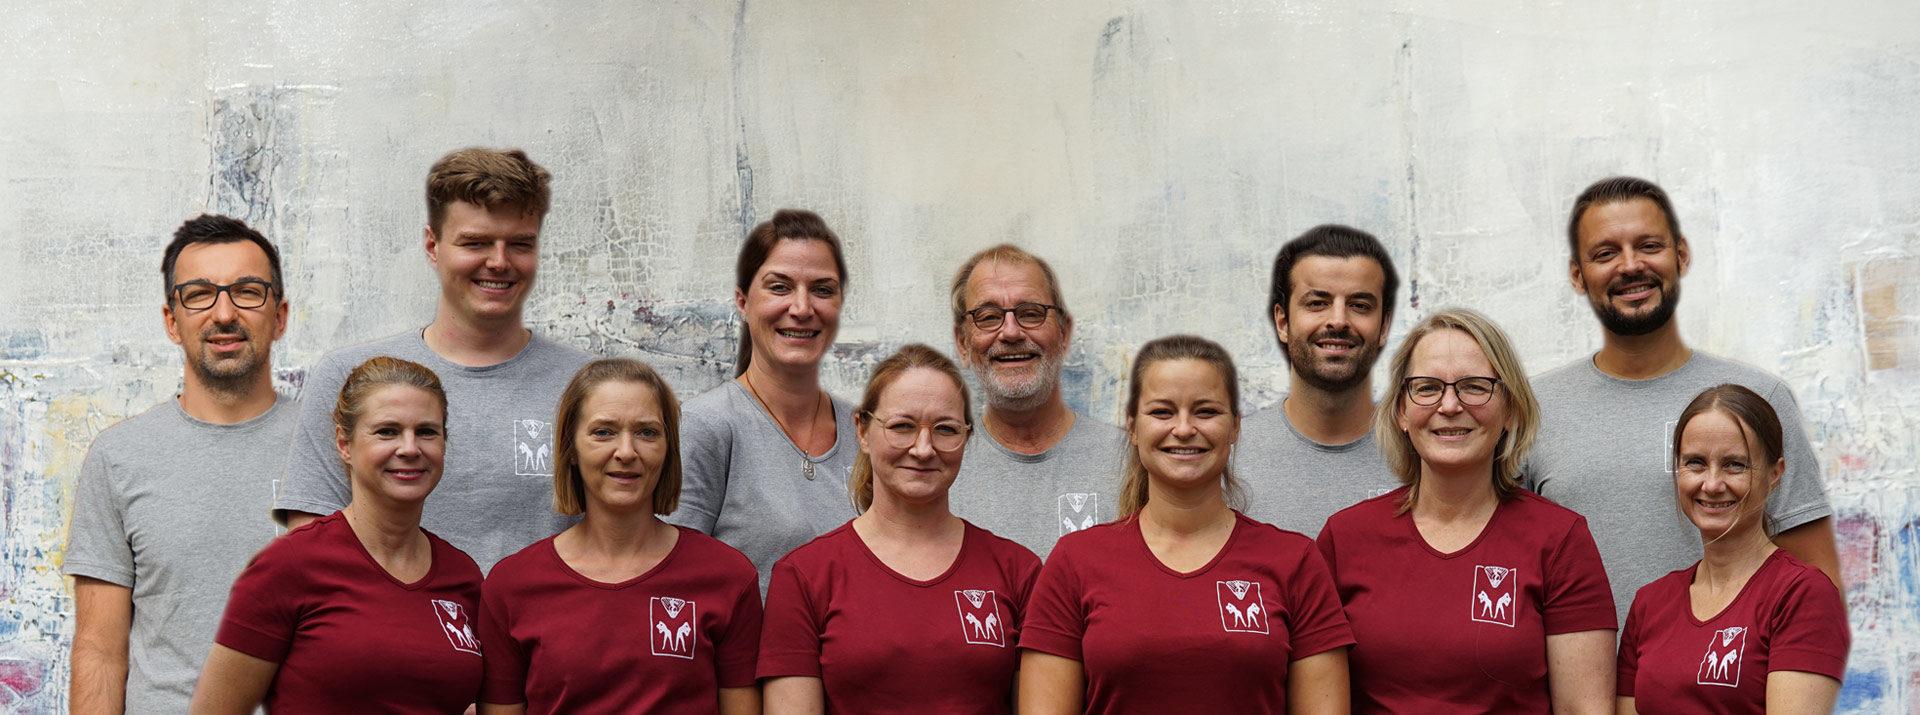 Gruppenfoto, Mitarbeiter, Team Lurbiecki Dorsten